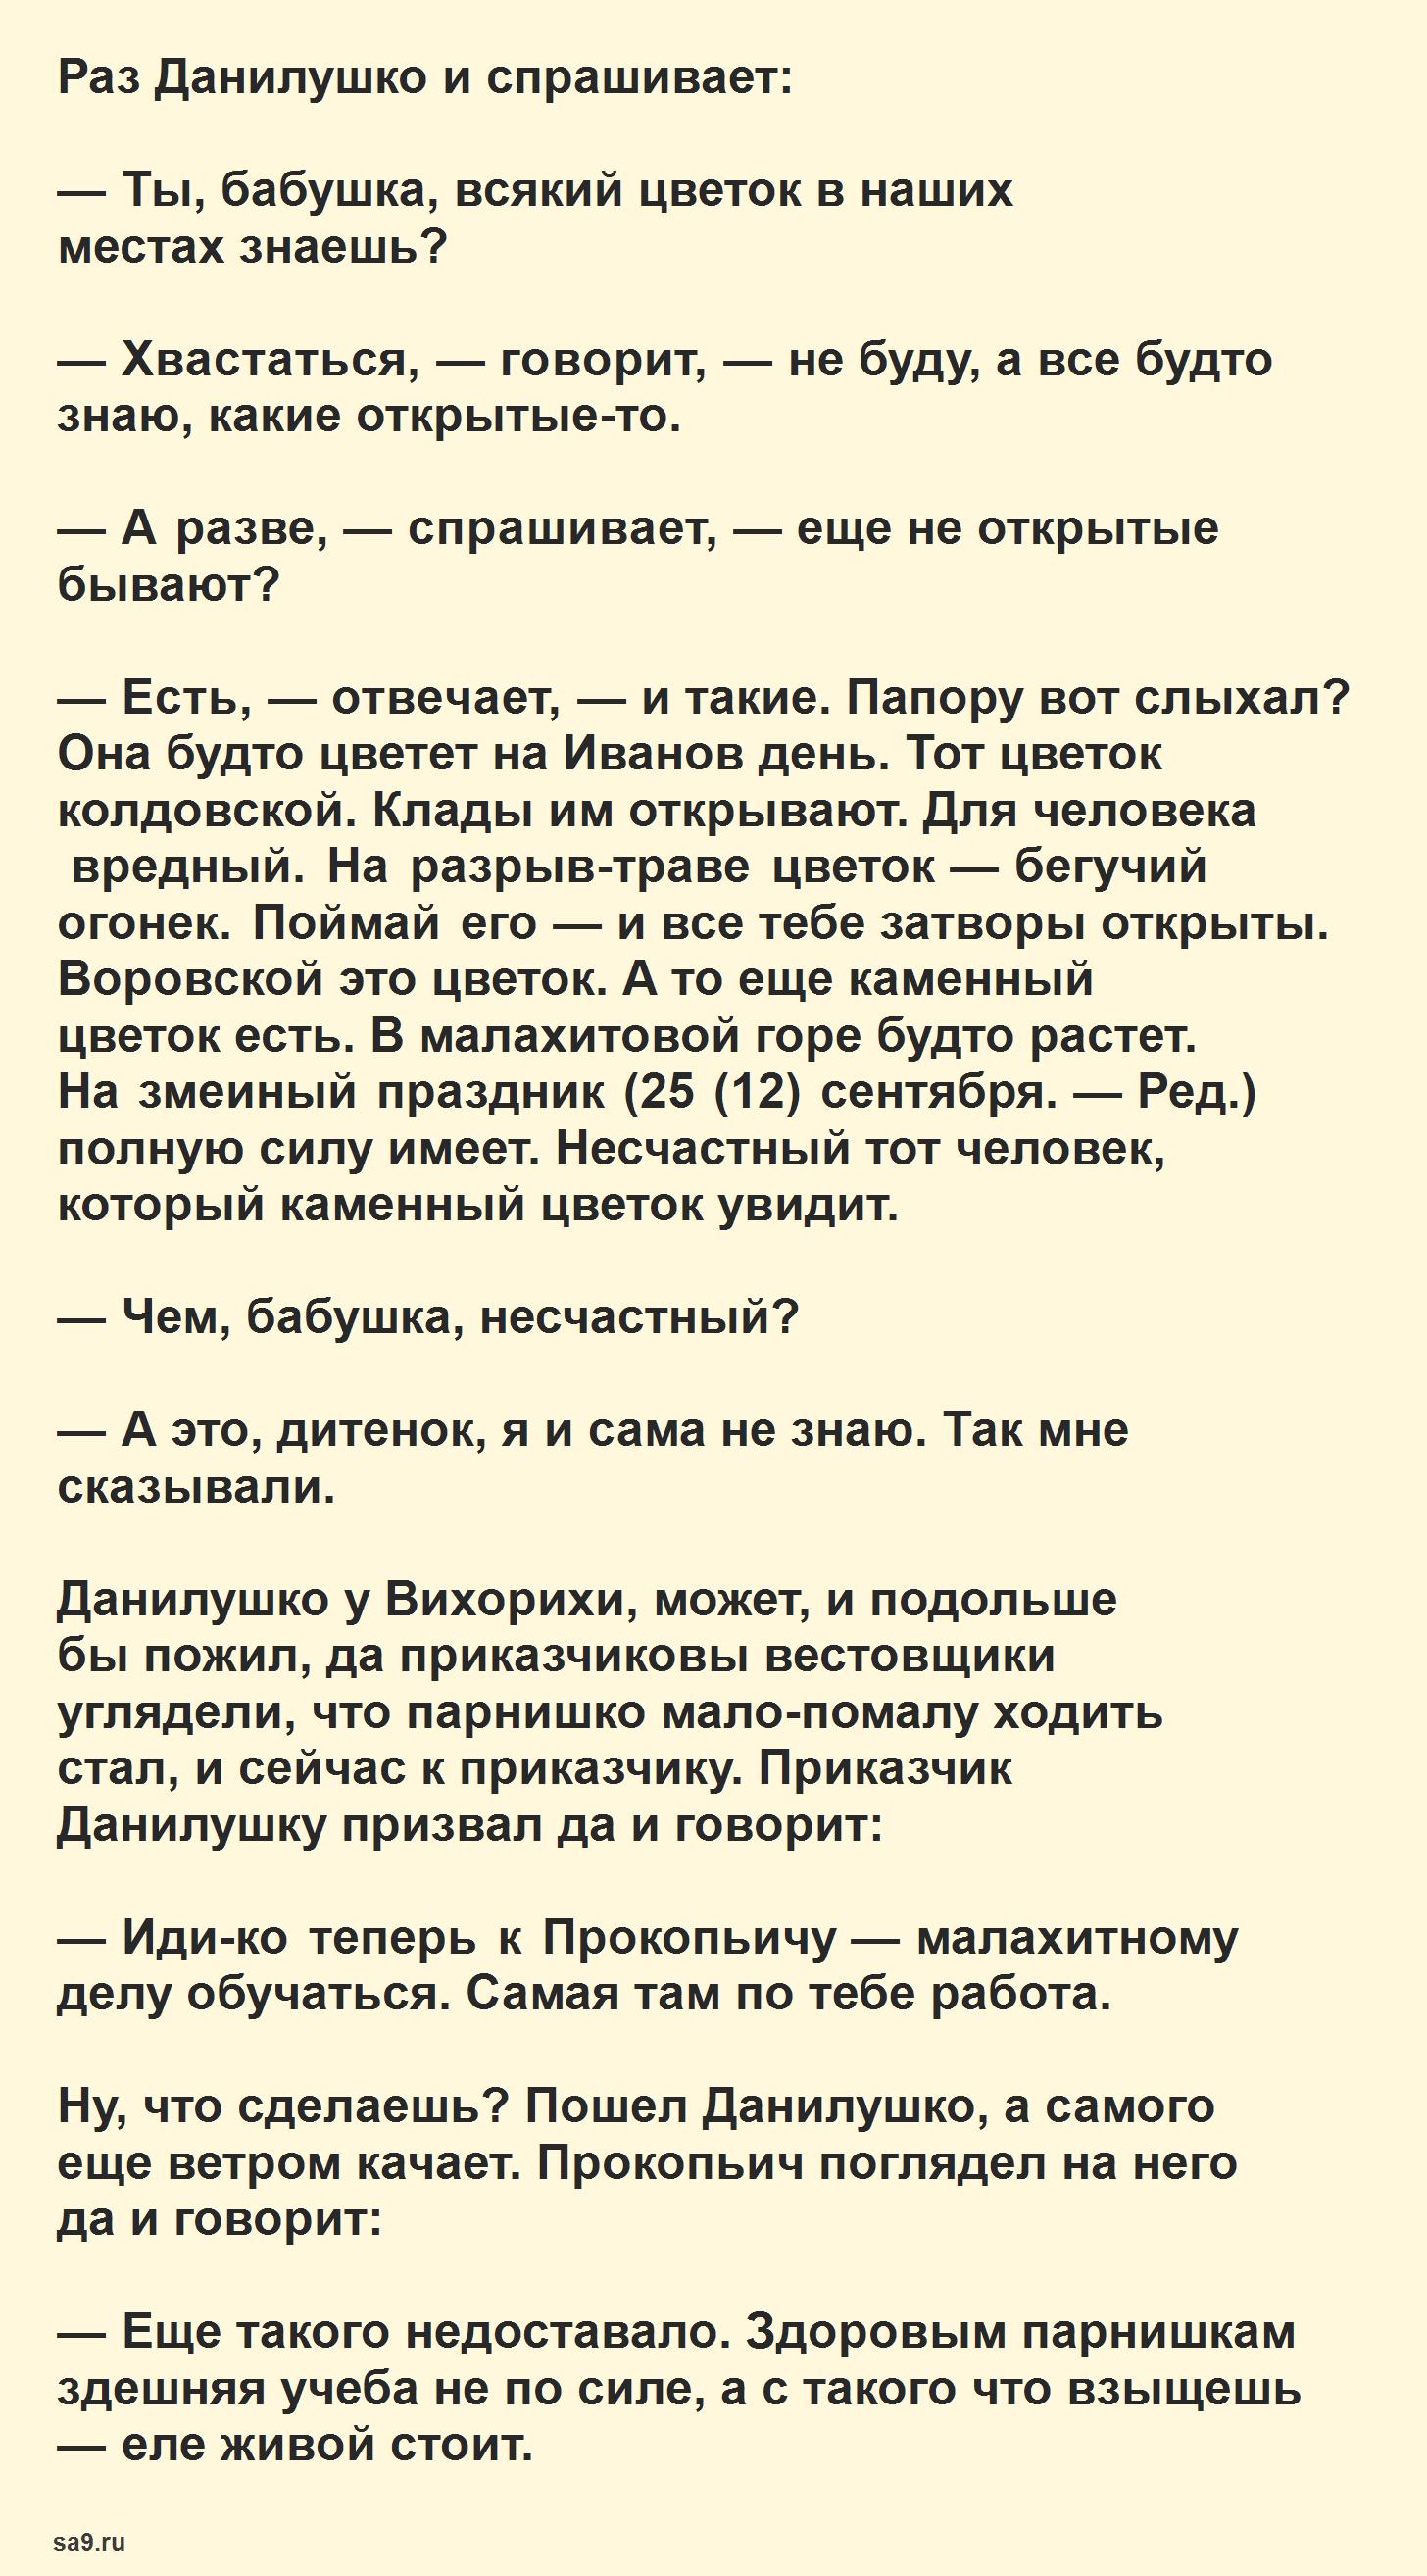 Читаем интересную сказку Бажова для детей - Каменный цветок